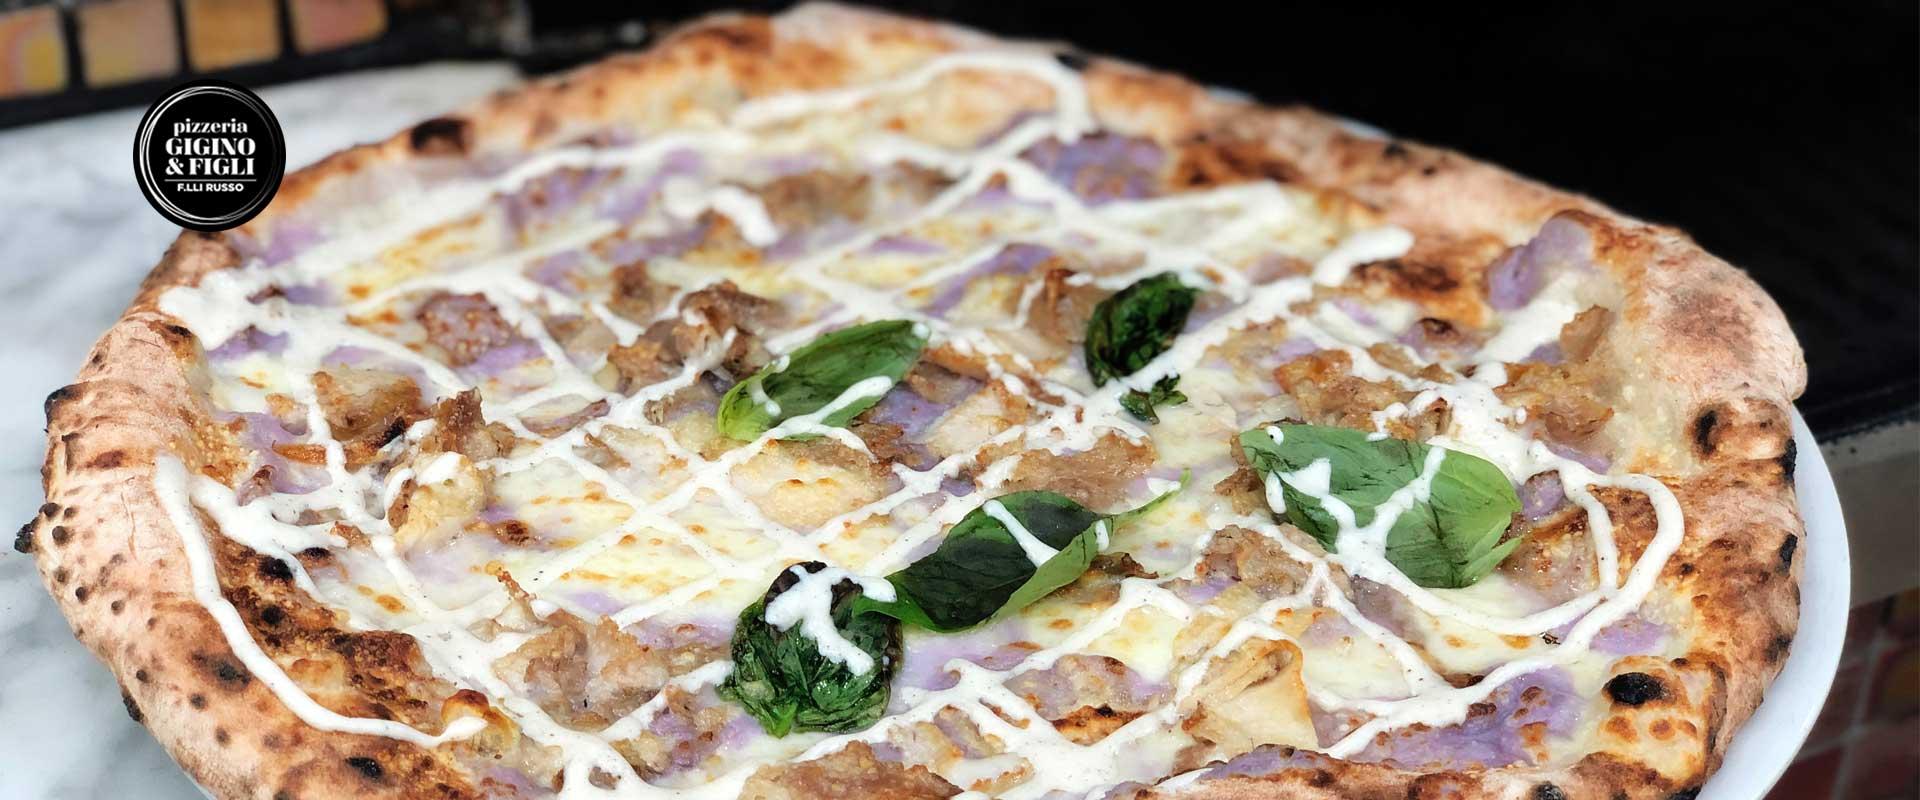 Pizza con mousse di patata viola della pizzeria Gigino&Figli